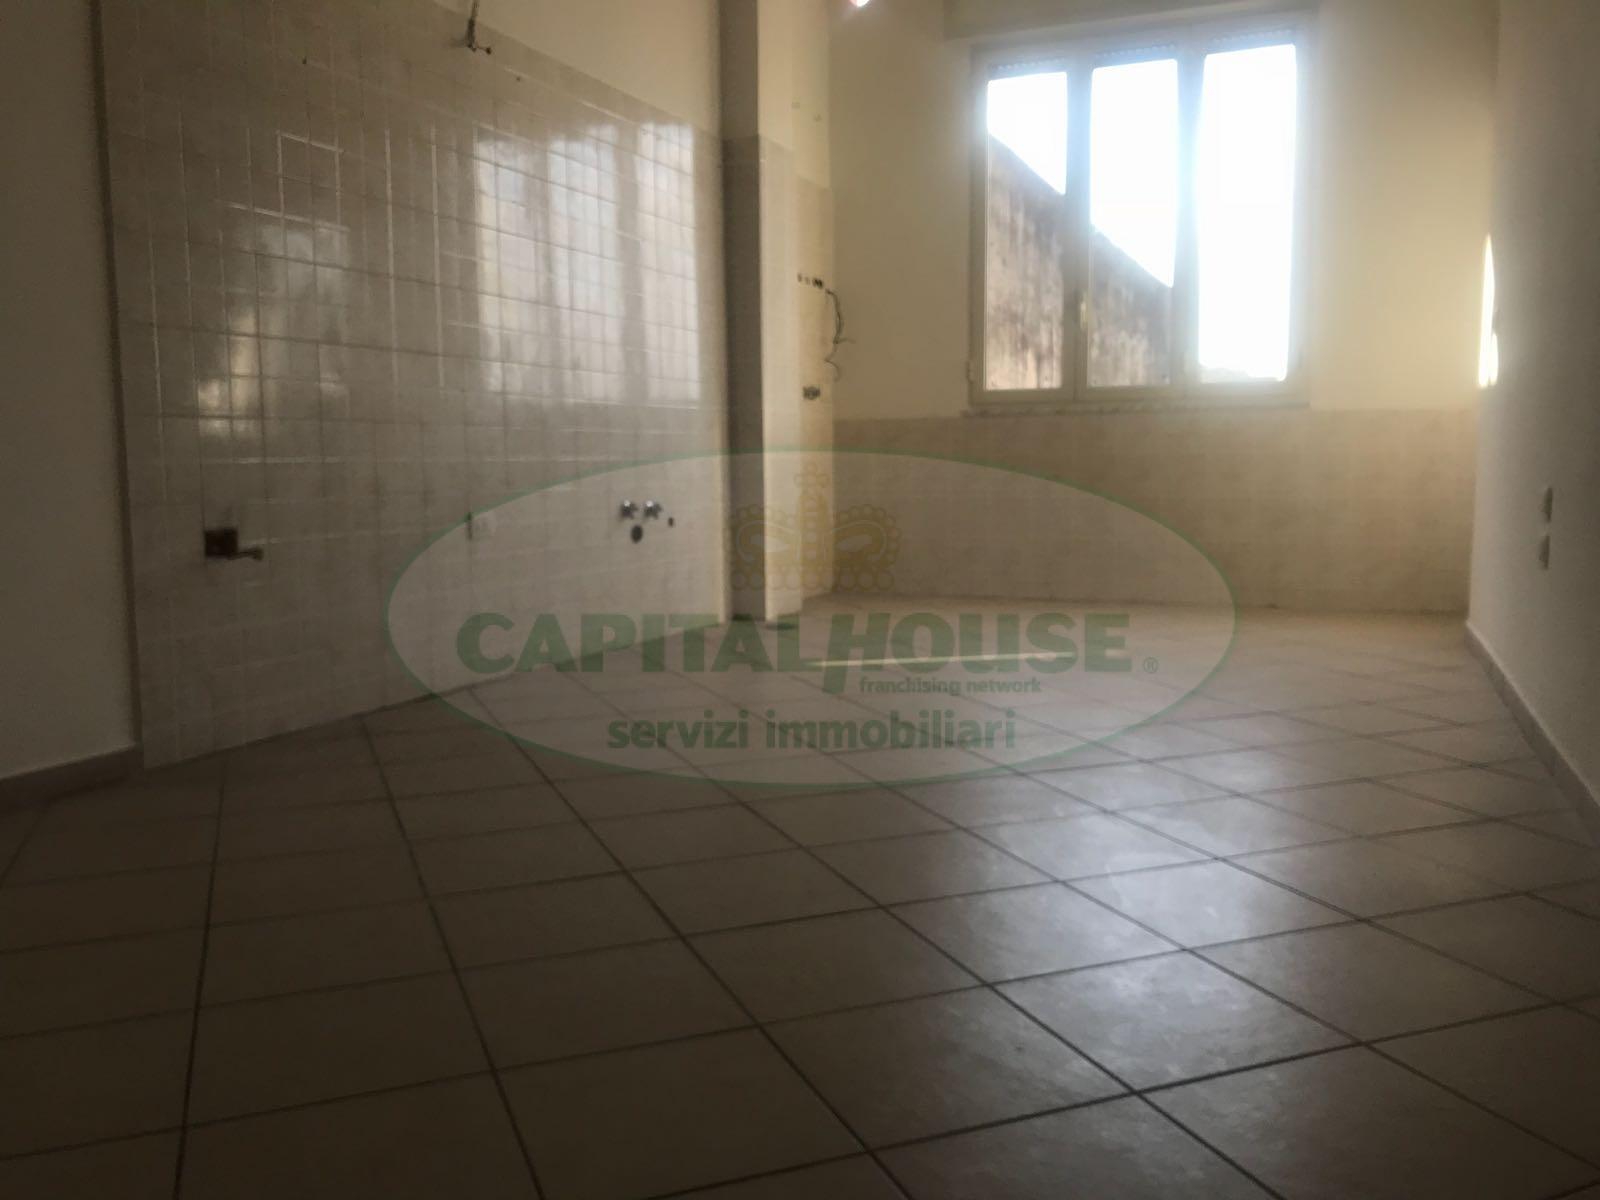 Appartamento in affitto a Afragola, 3 locali, zona Località: CorsoGaribaldi, prezzo € 520   CambioCasa.it